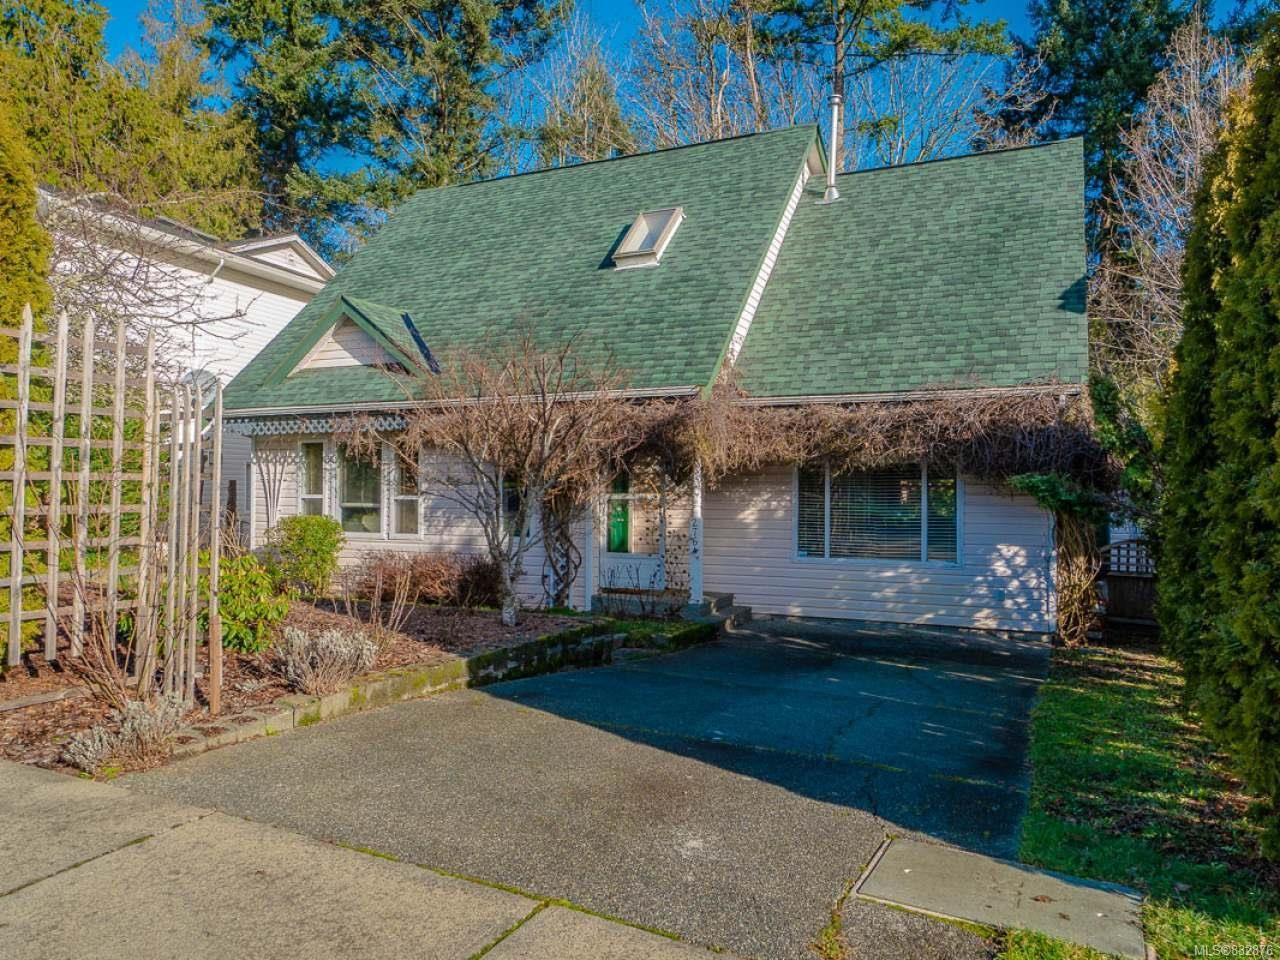 Main Photo: 276 Laurence Park Way in NANAIMO: Na South Nanaimo House for sale (Nanaimo)  : MLS®# 832876